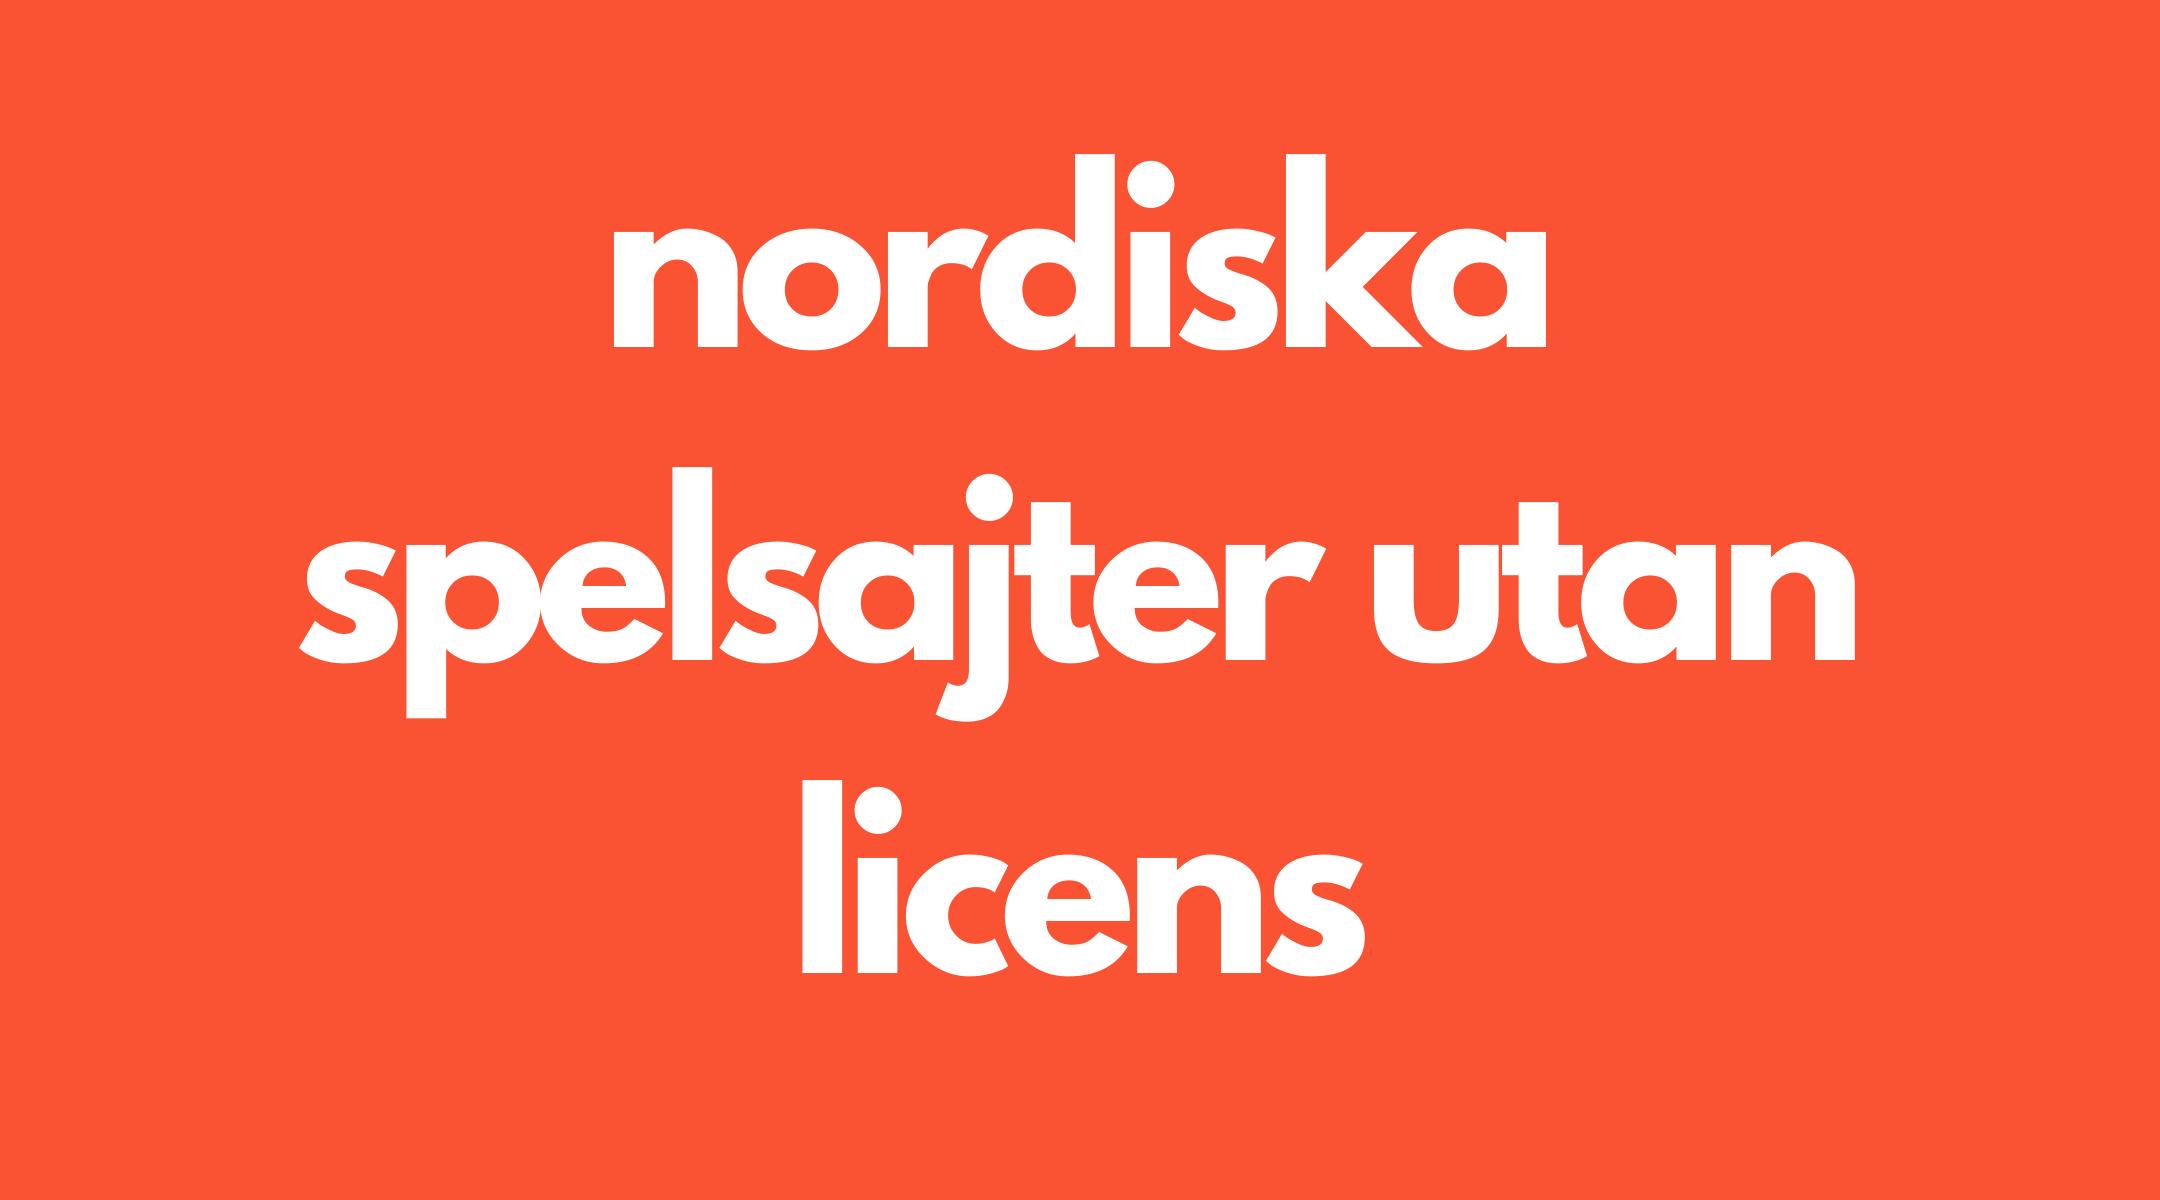 nordiska spelsajter utan licens